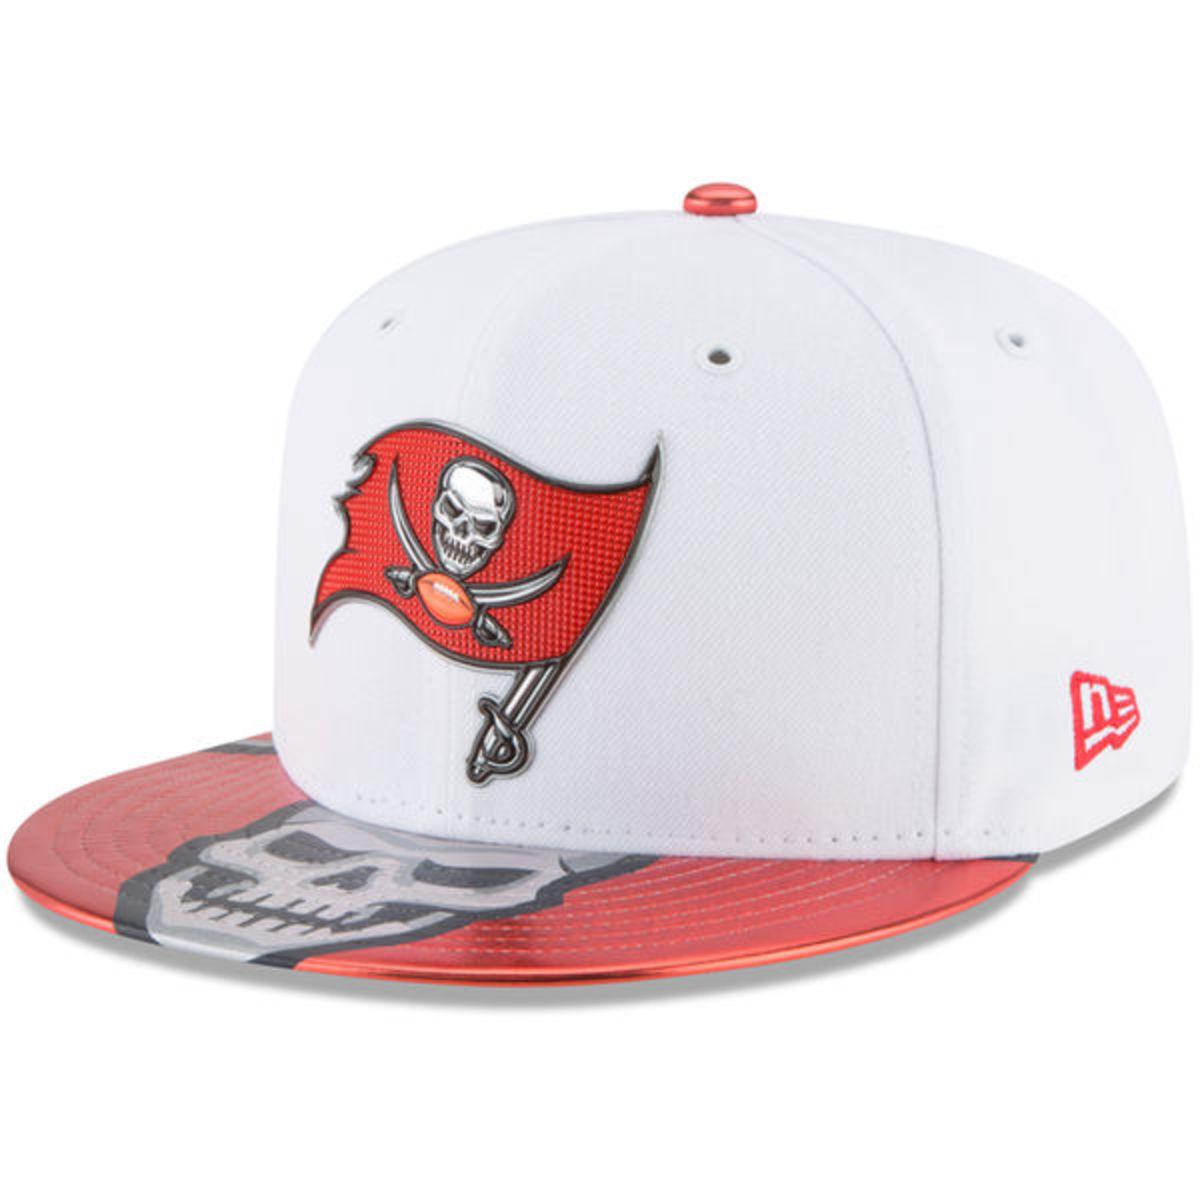 buccaneers-draft-hat-ranking.jpeg